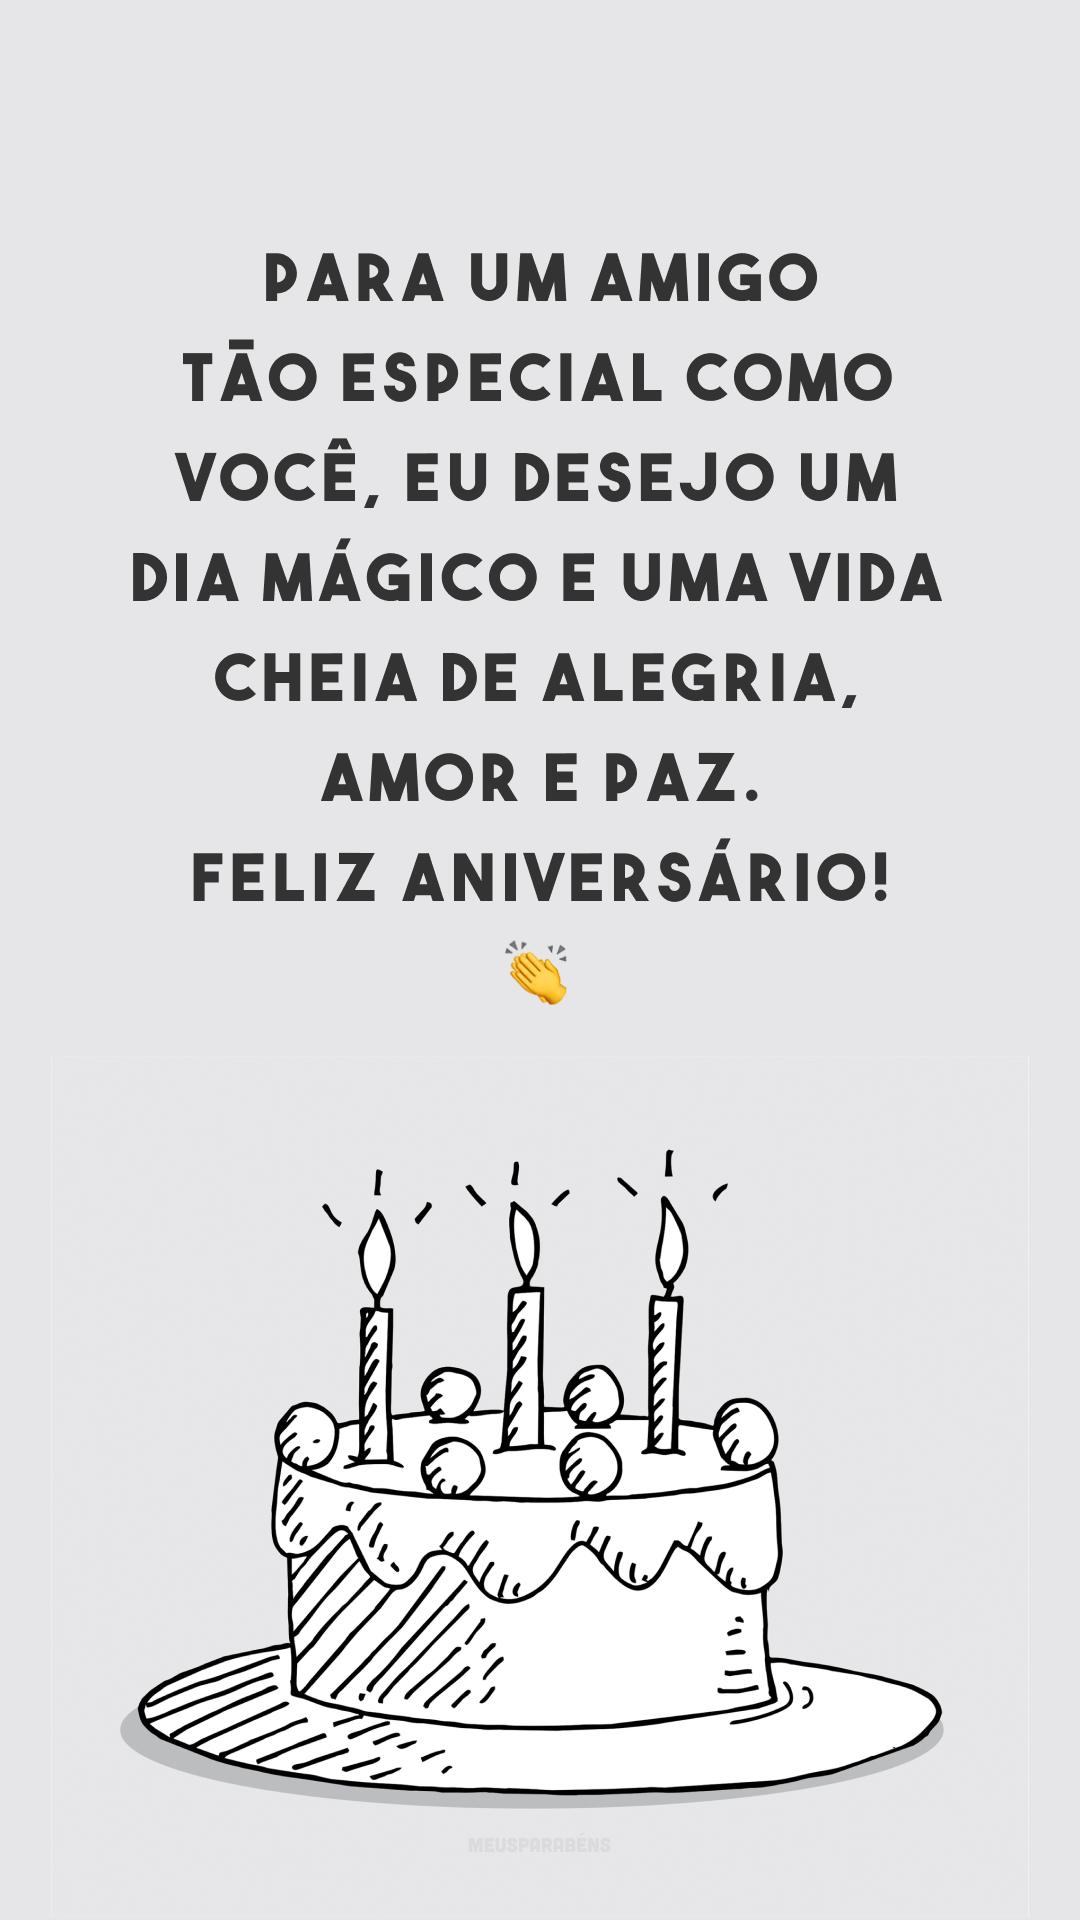 Para um amigo tão especial como você, eu desejo um dia mágico e uma vida cheia de alegria, amor e paz. Feliz aniversário! 👏